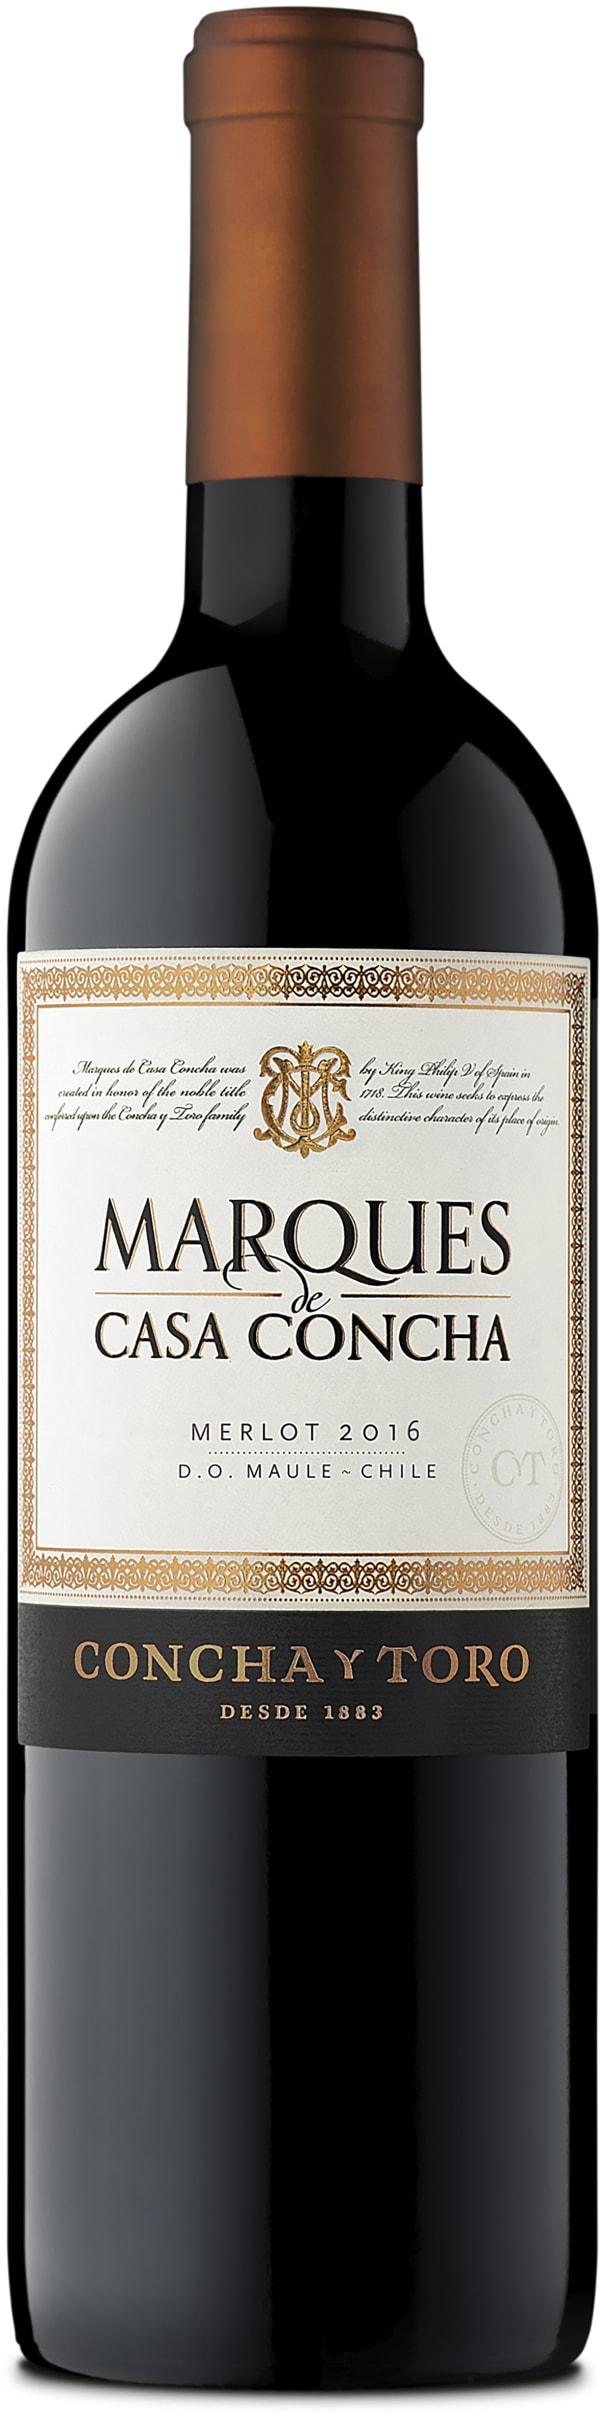 Marques de Casa Concha Merlot 2015